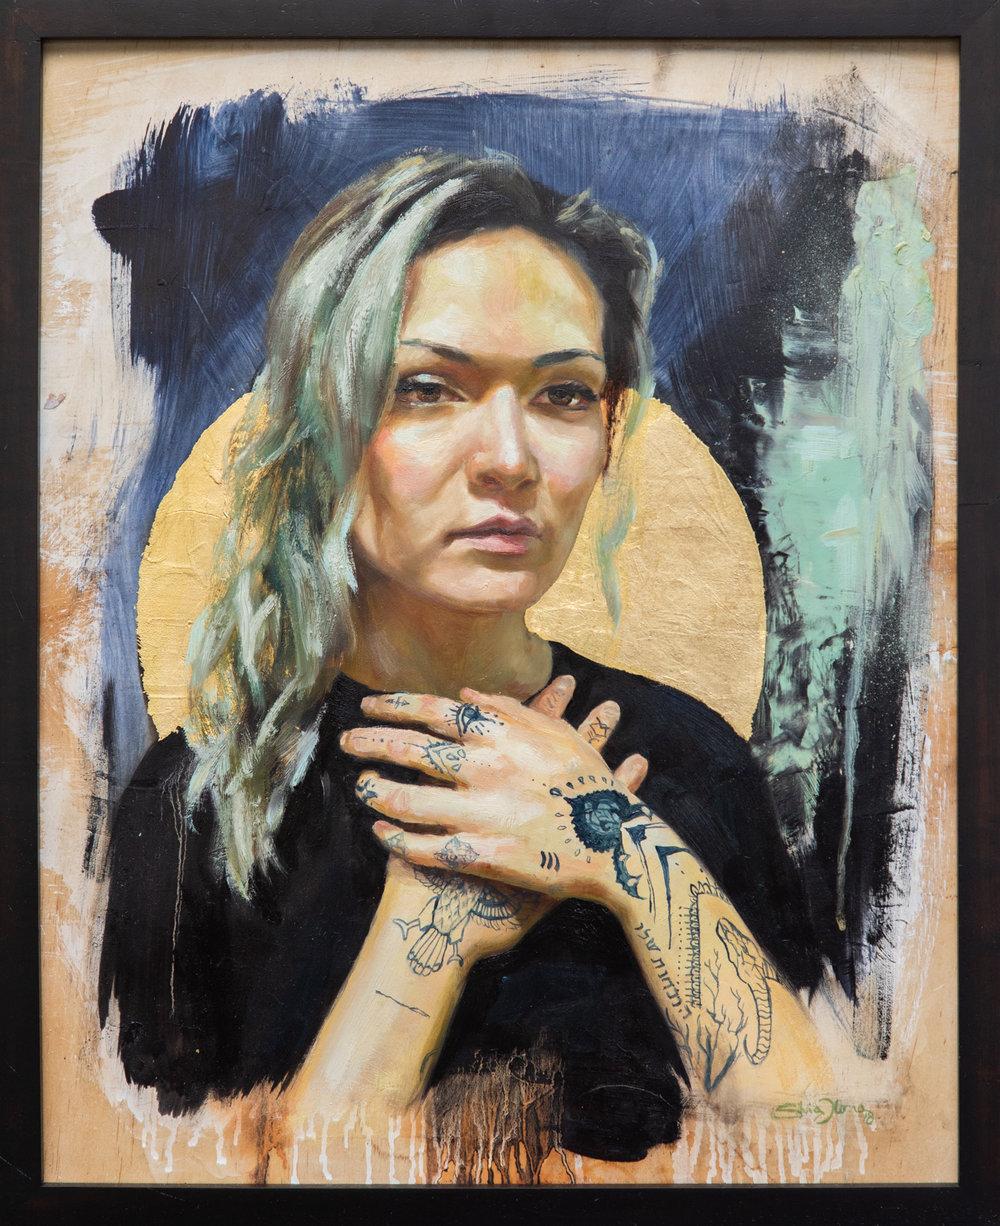 """""""Mikayla"""", Silvia Ilona Klatt, oil and goldleaf on wood, 16x20, 2018"""